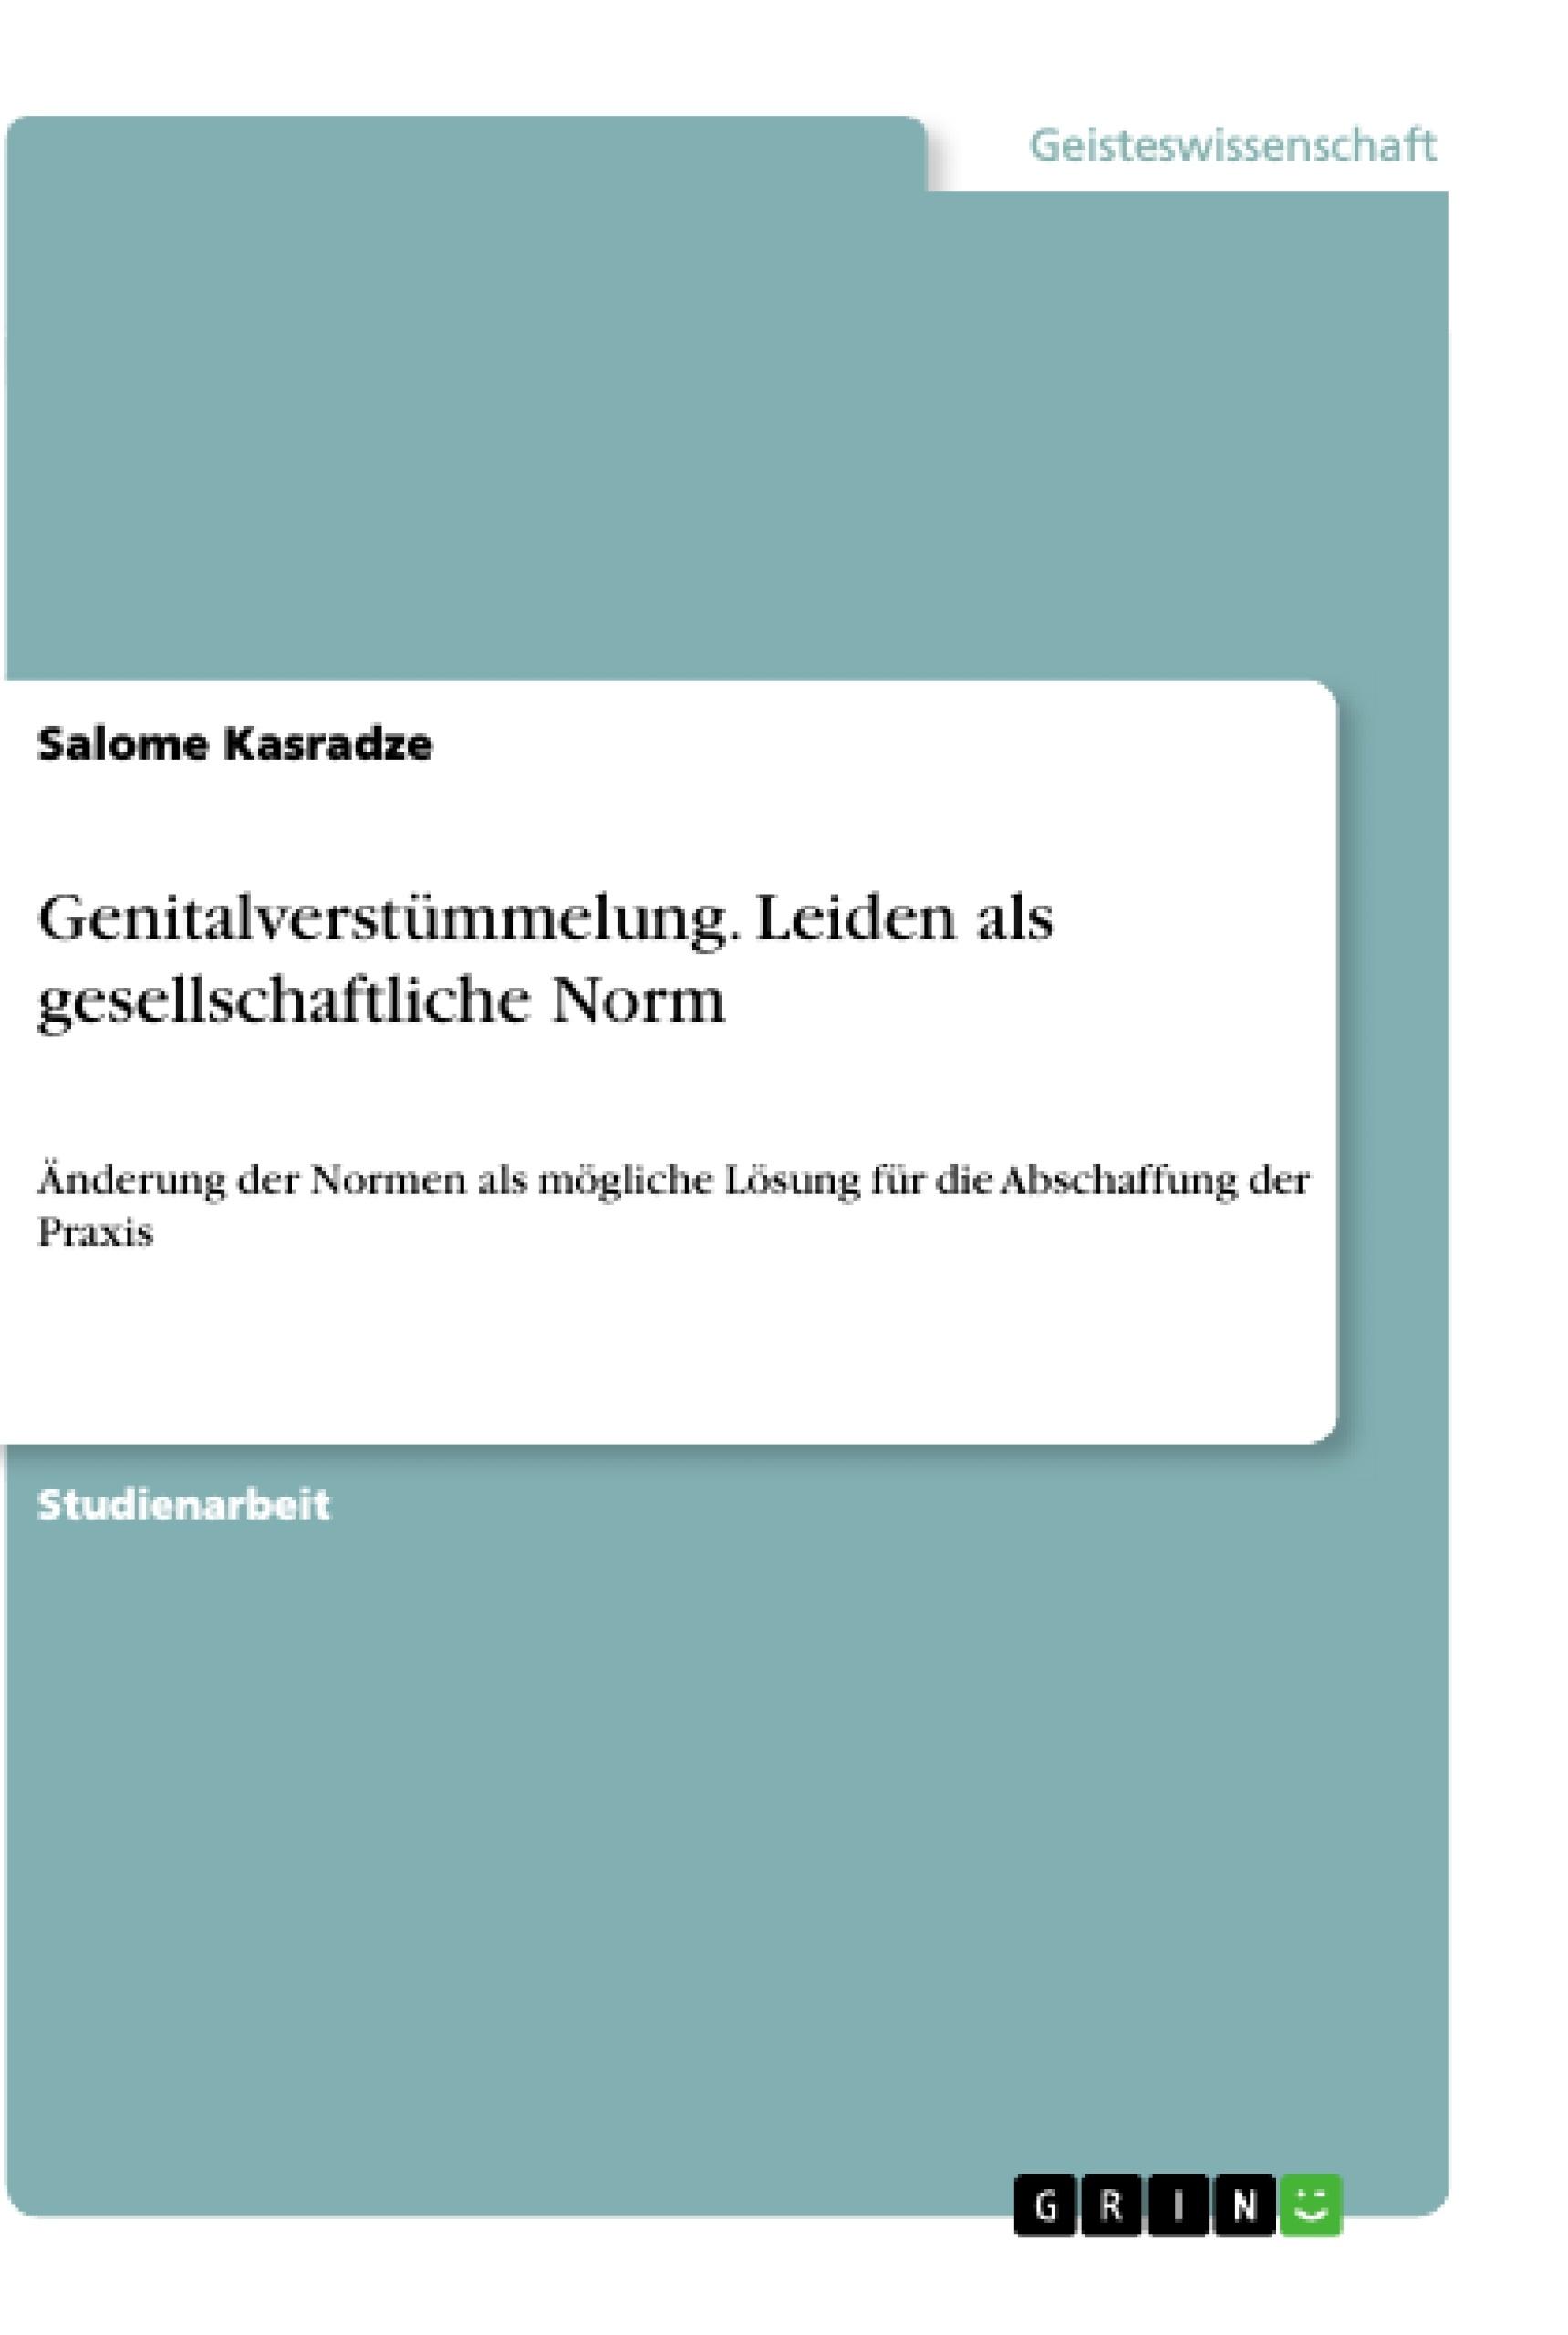 Titel: Genitalverstümmelung. Leiden als gesellschaftliche Norm